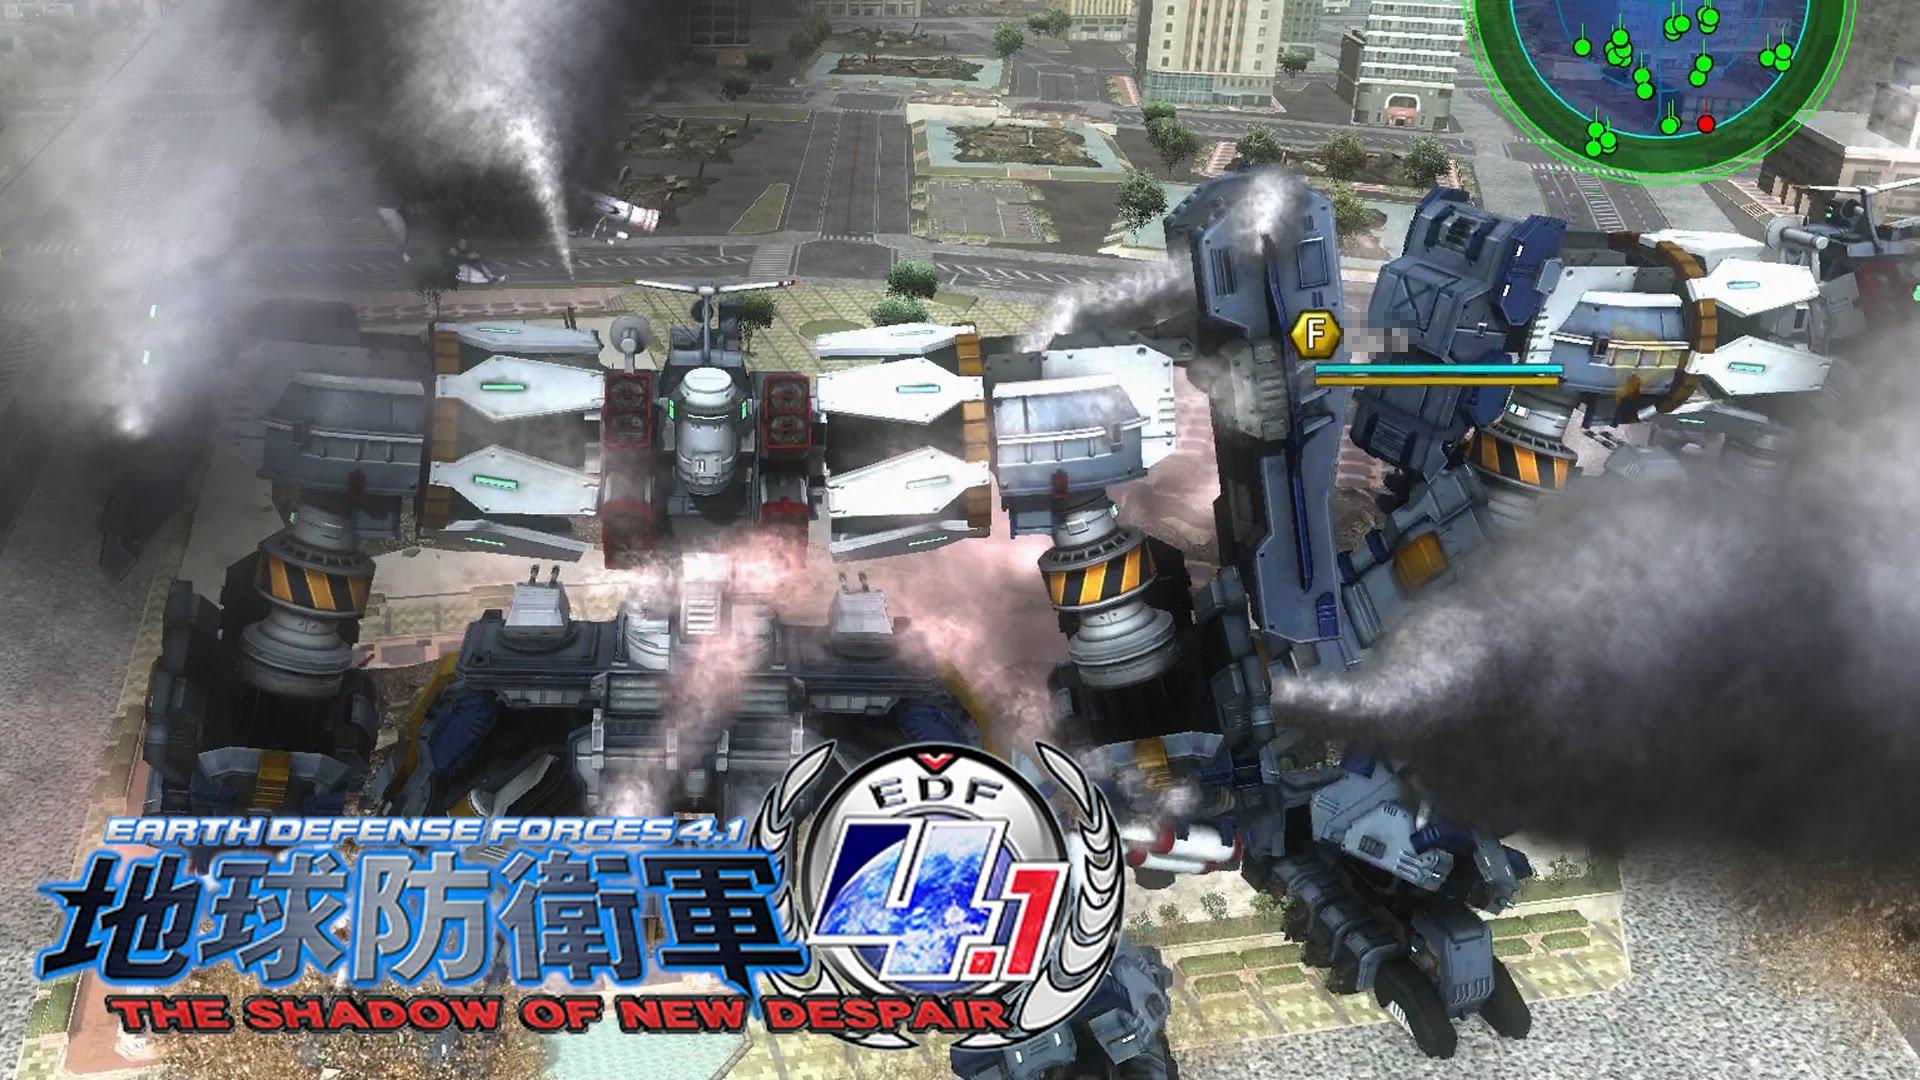 #06 [PC版] 地球防衛軍4.1 THE SHADOW OF NEW DESPAIR:EDF4.1 「地球は我々人類、自らの手で守りぬかなければならないんだ!」